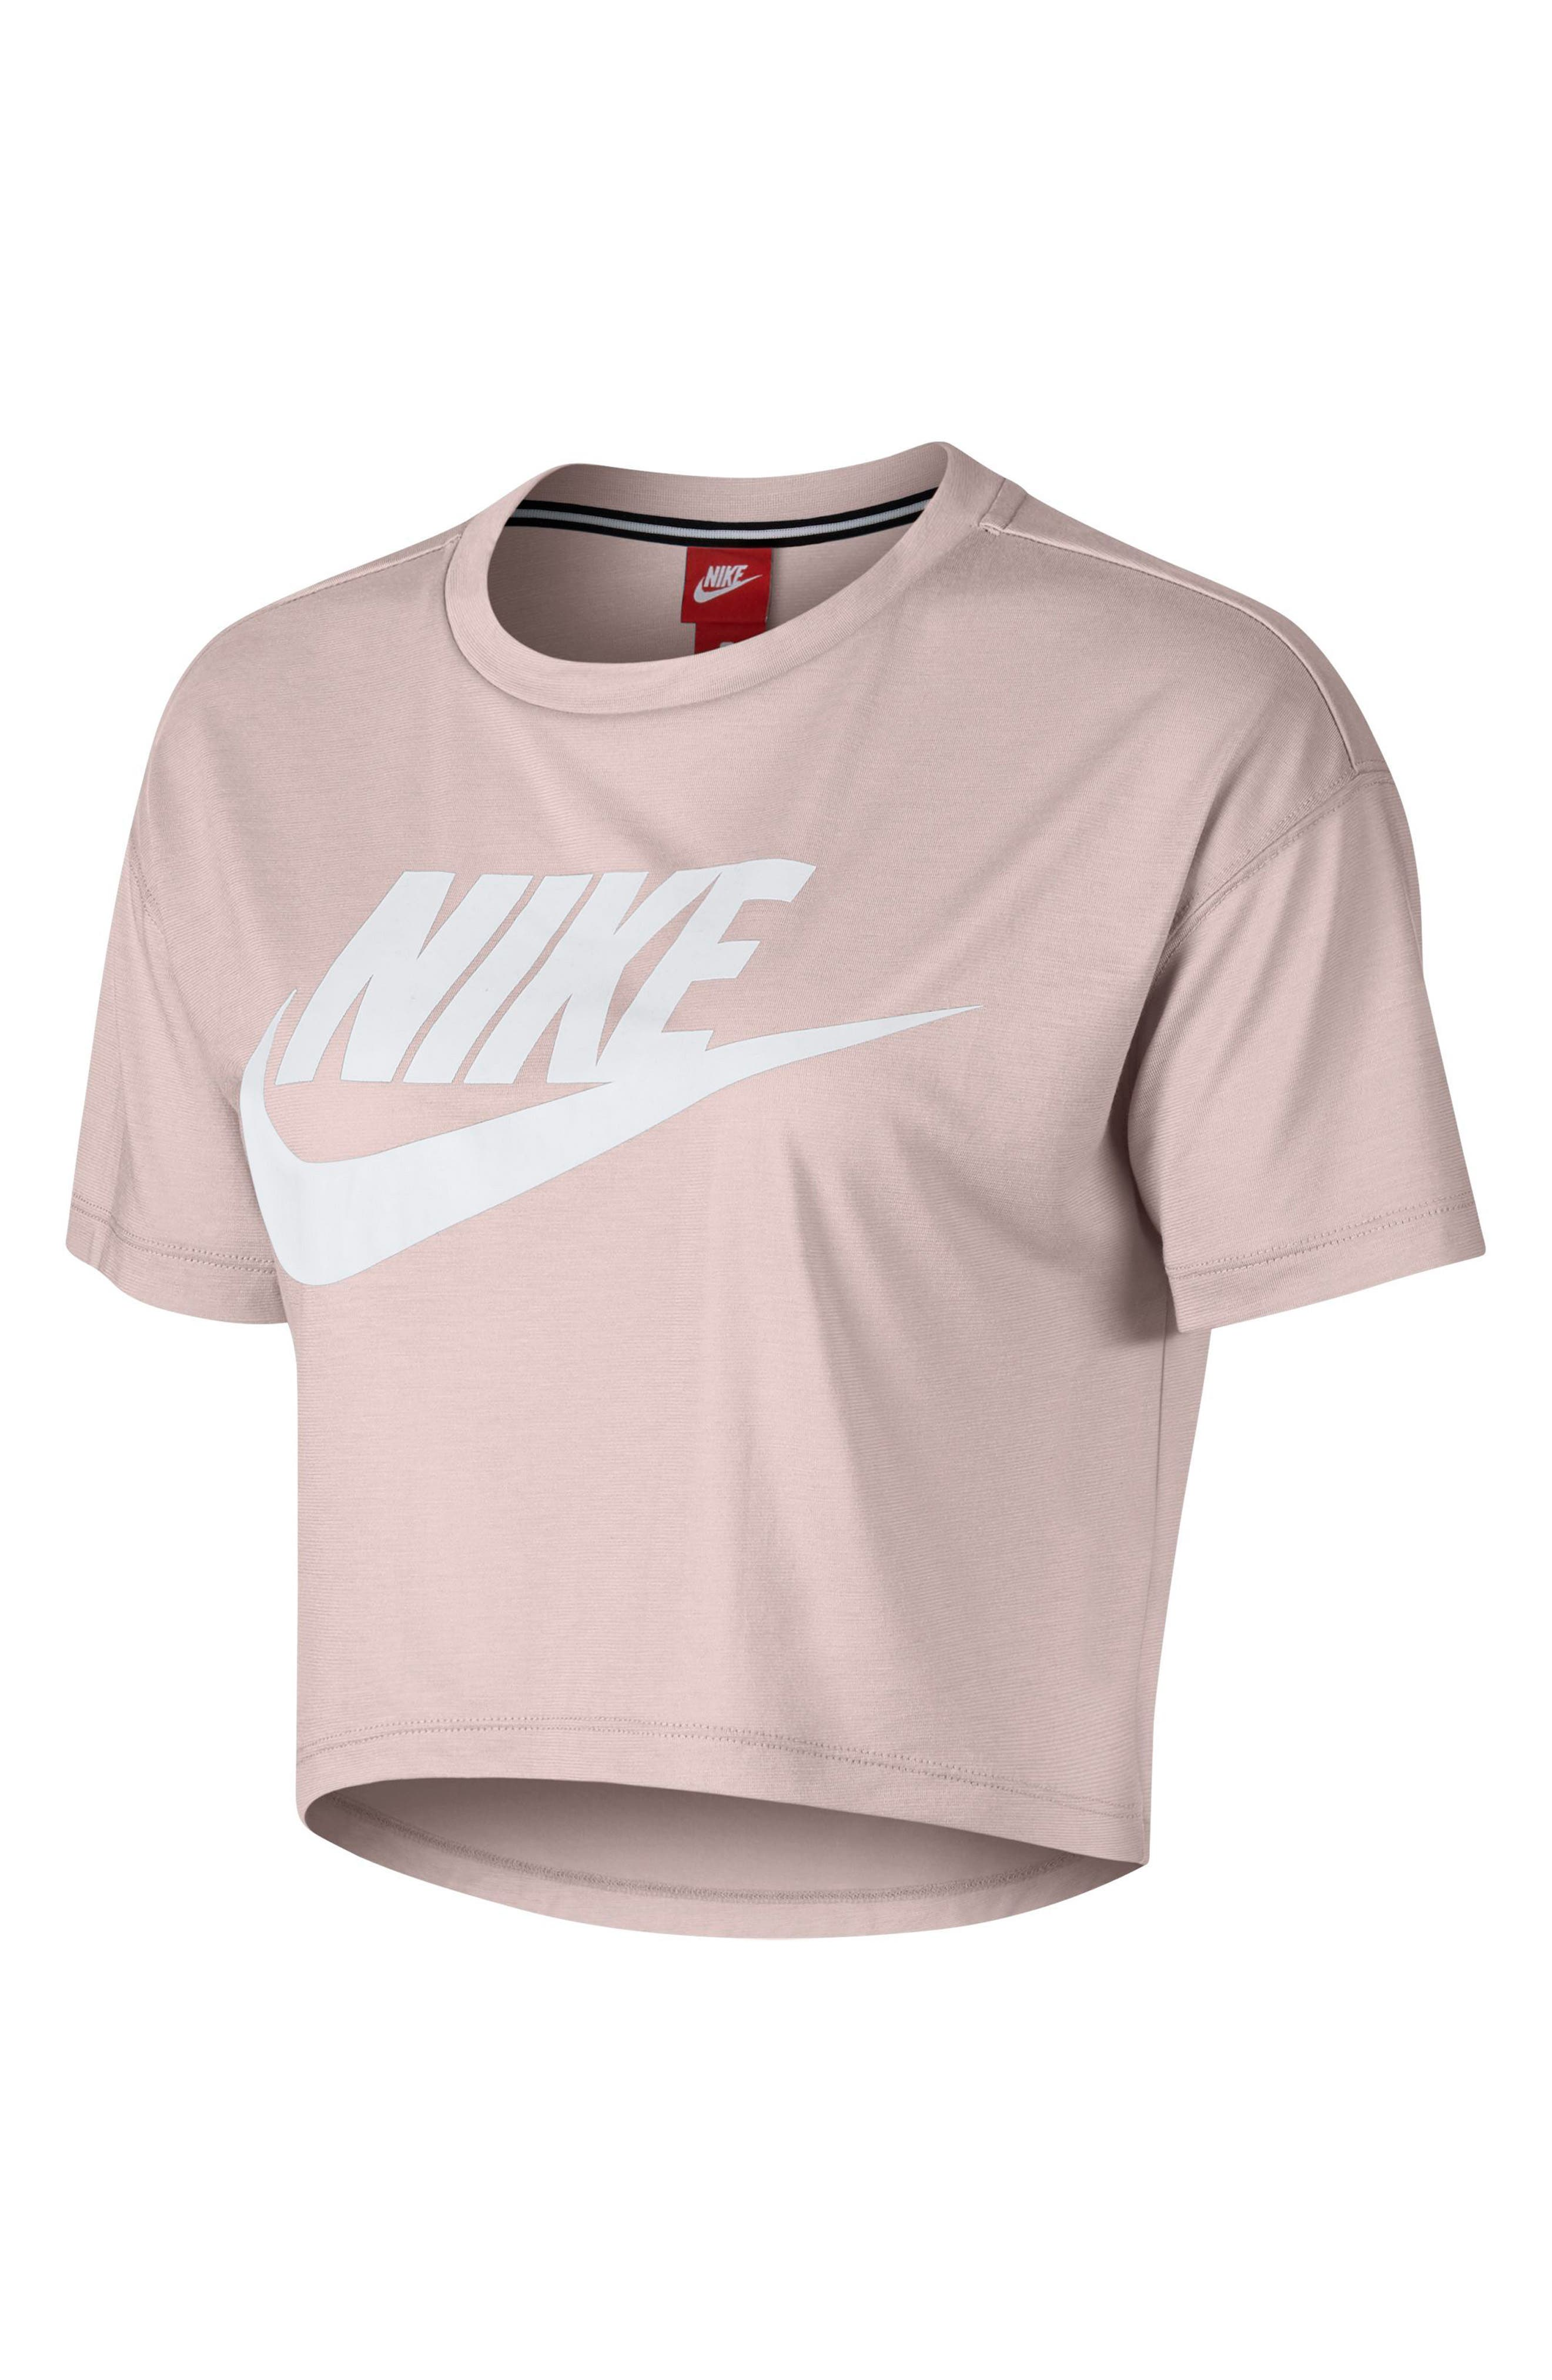 Nike Sportswear Essential Women's Crop Top